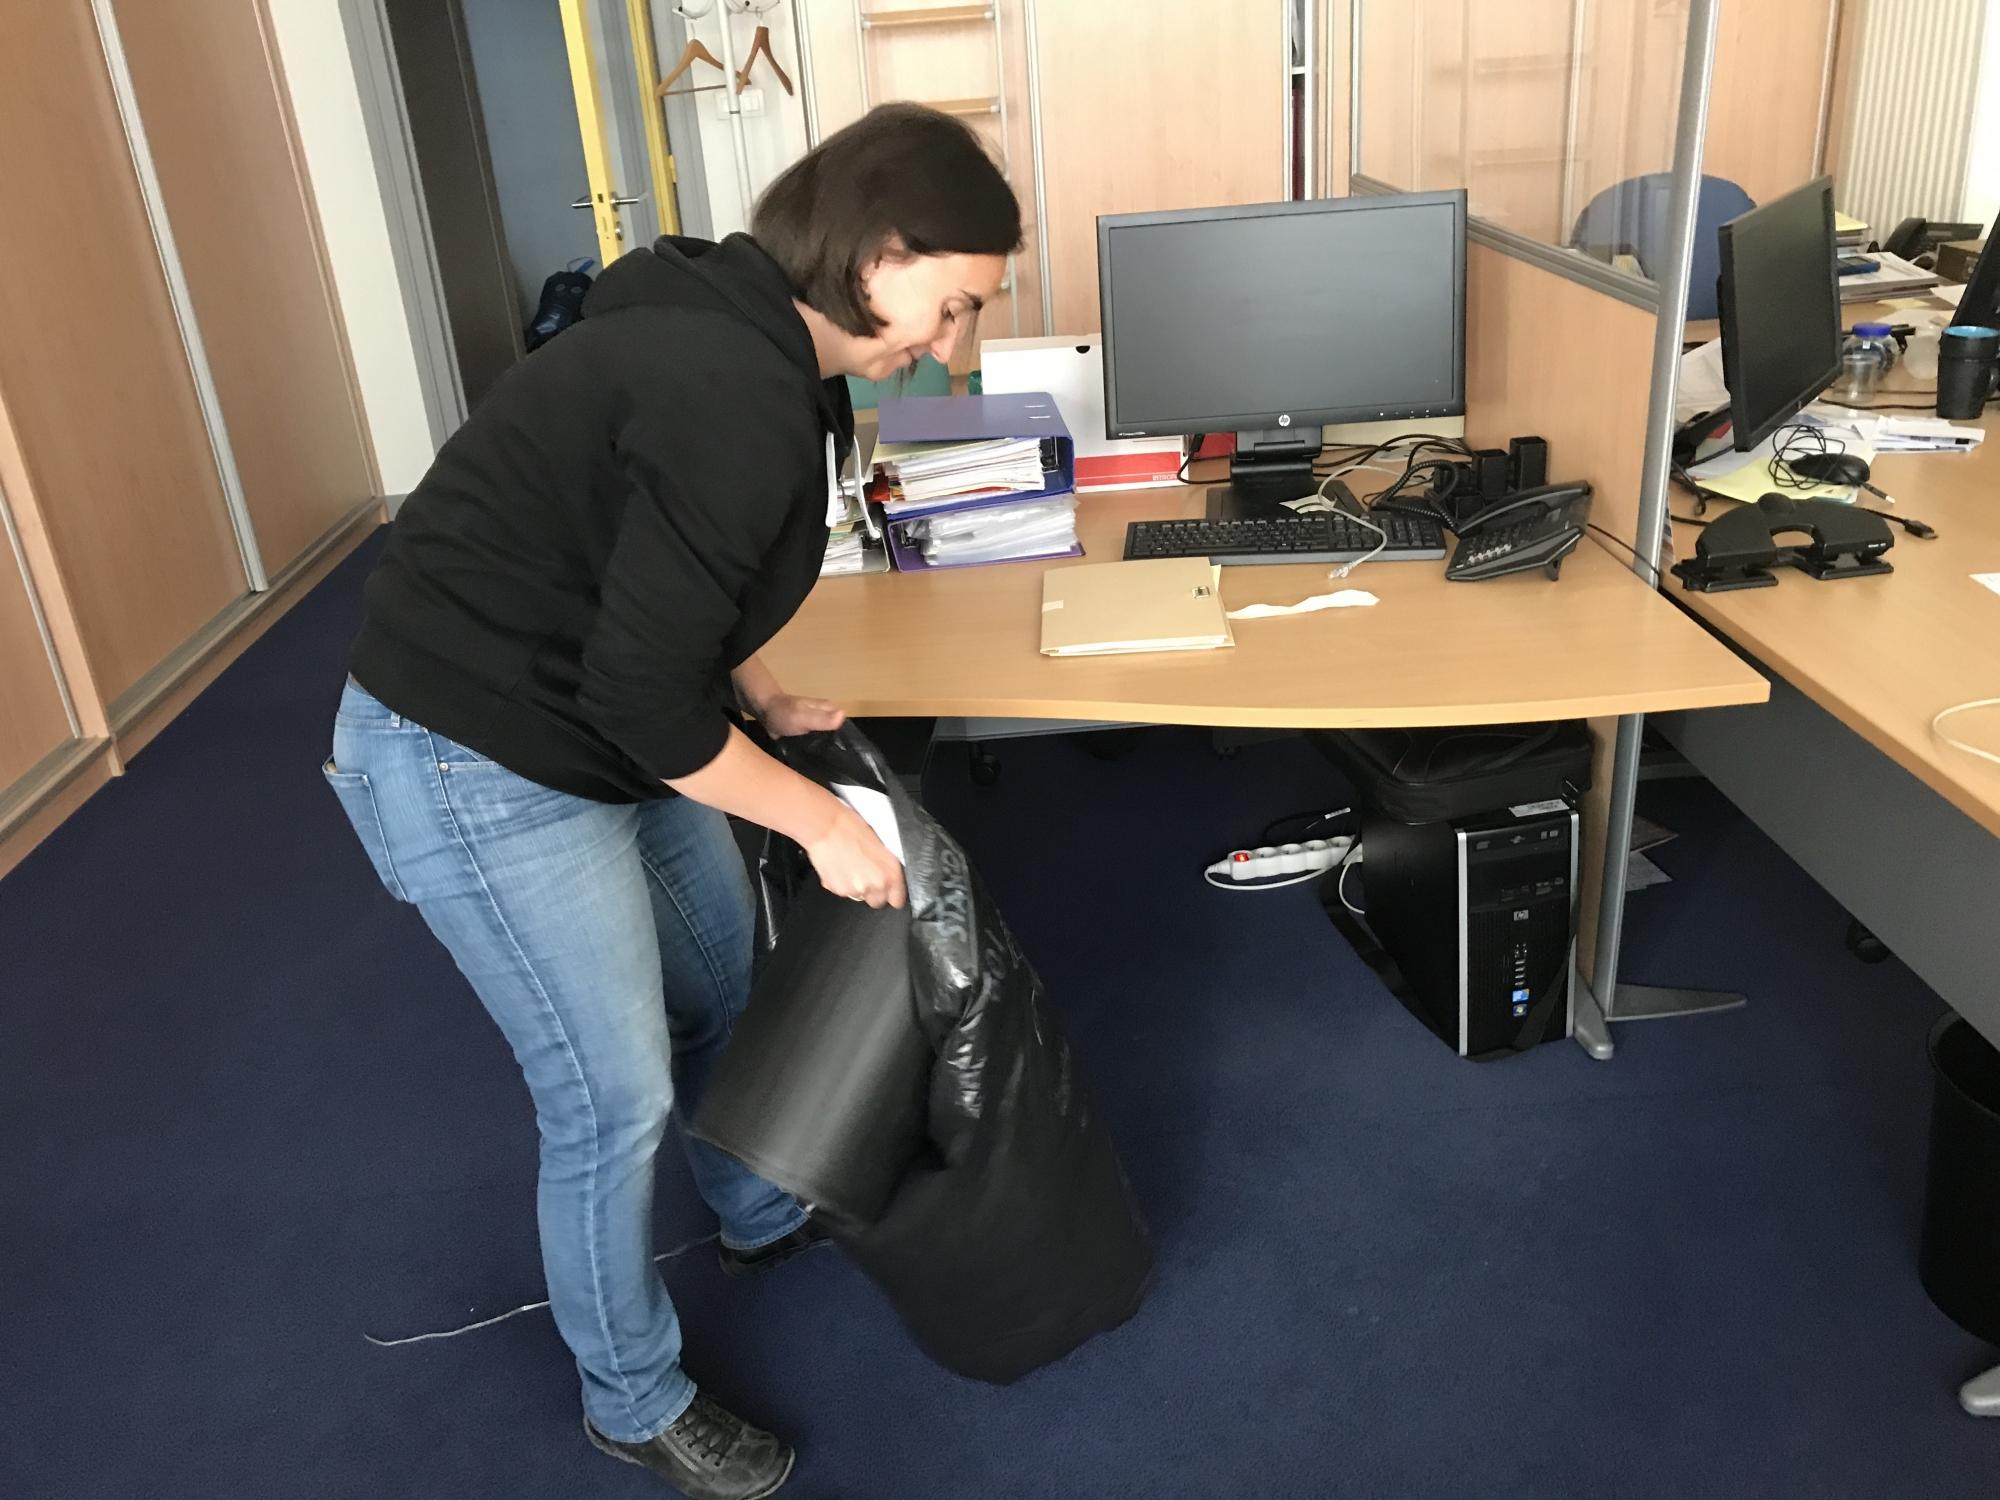 Société de nettoyage pour vos bureaux dans la zone techlid en